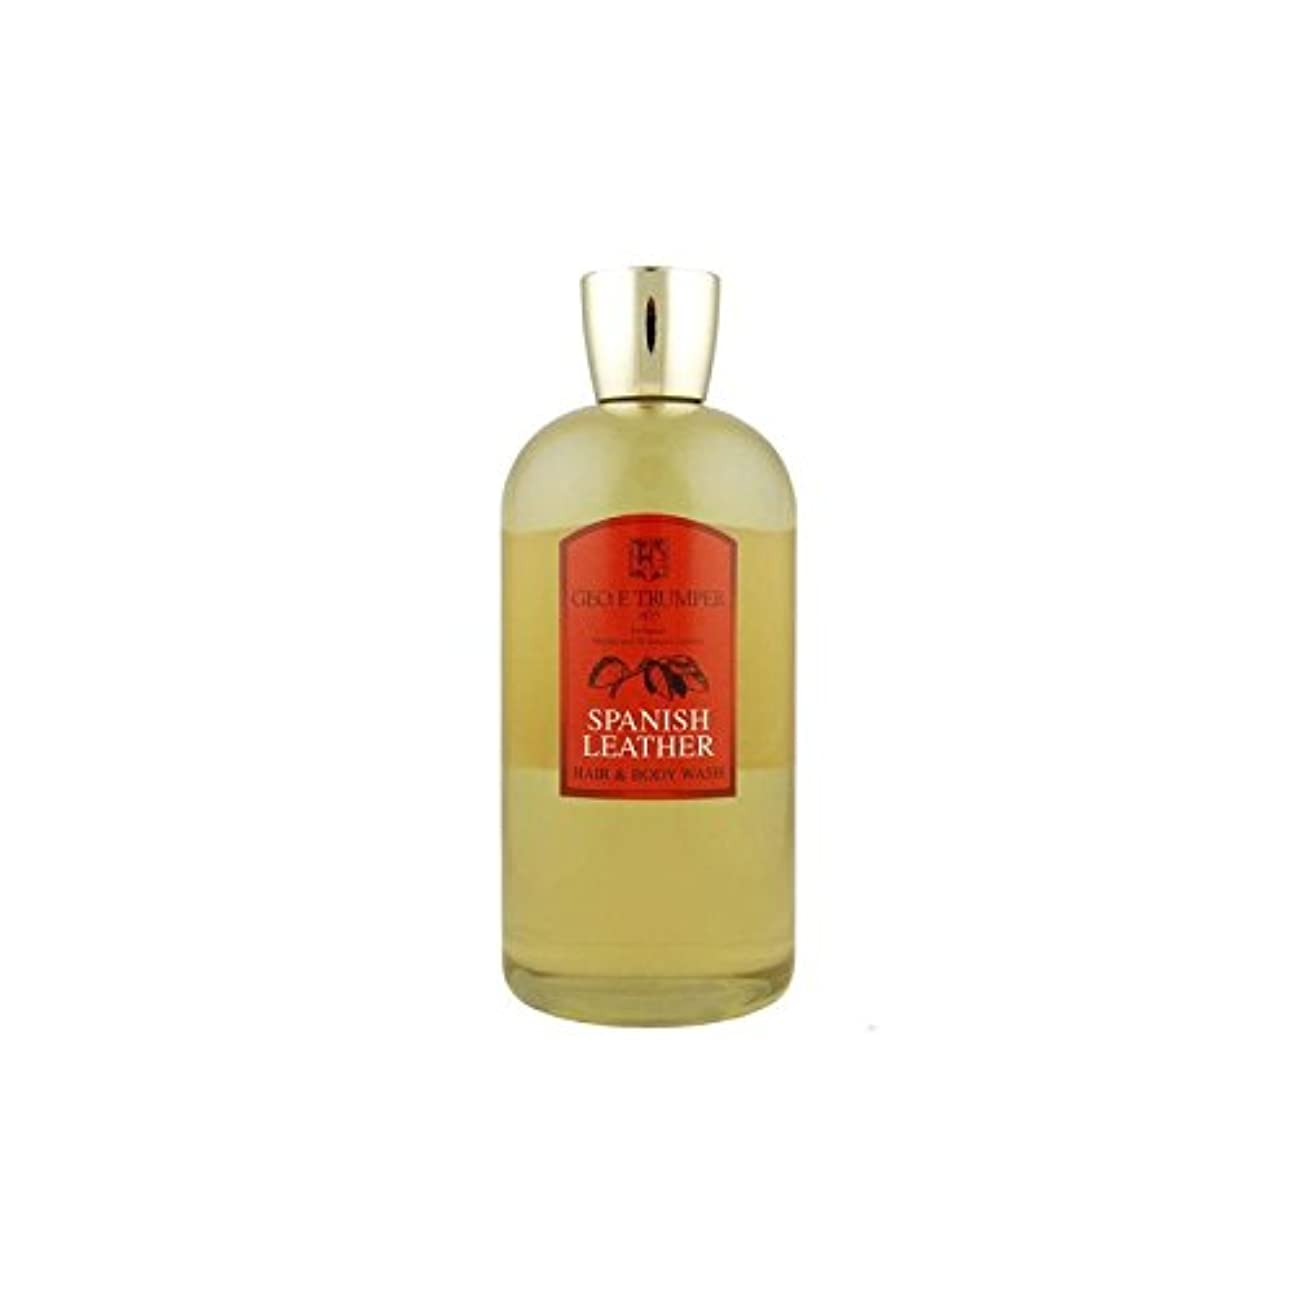 フェロー諸島裁判官過敏なTrumpers Spanish Leather Hair and Body Wash - 500mlTravel Bottle (Pack of 6) - 革の髪とボディウォッシュスペイン語 - 500ボトル x6 [...